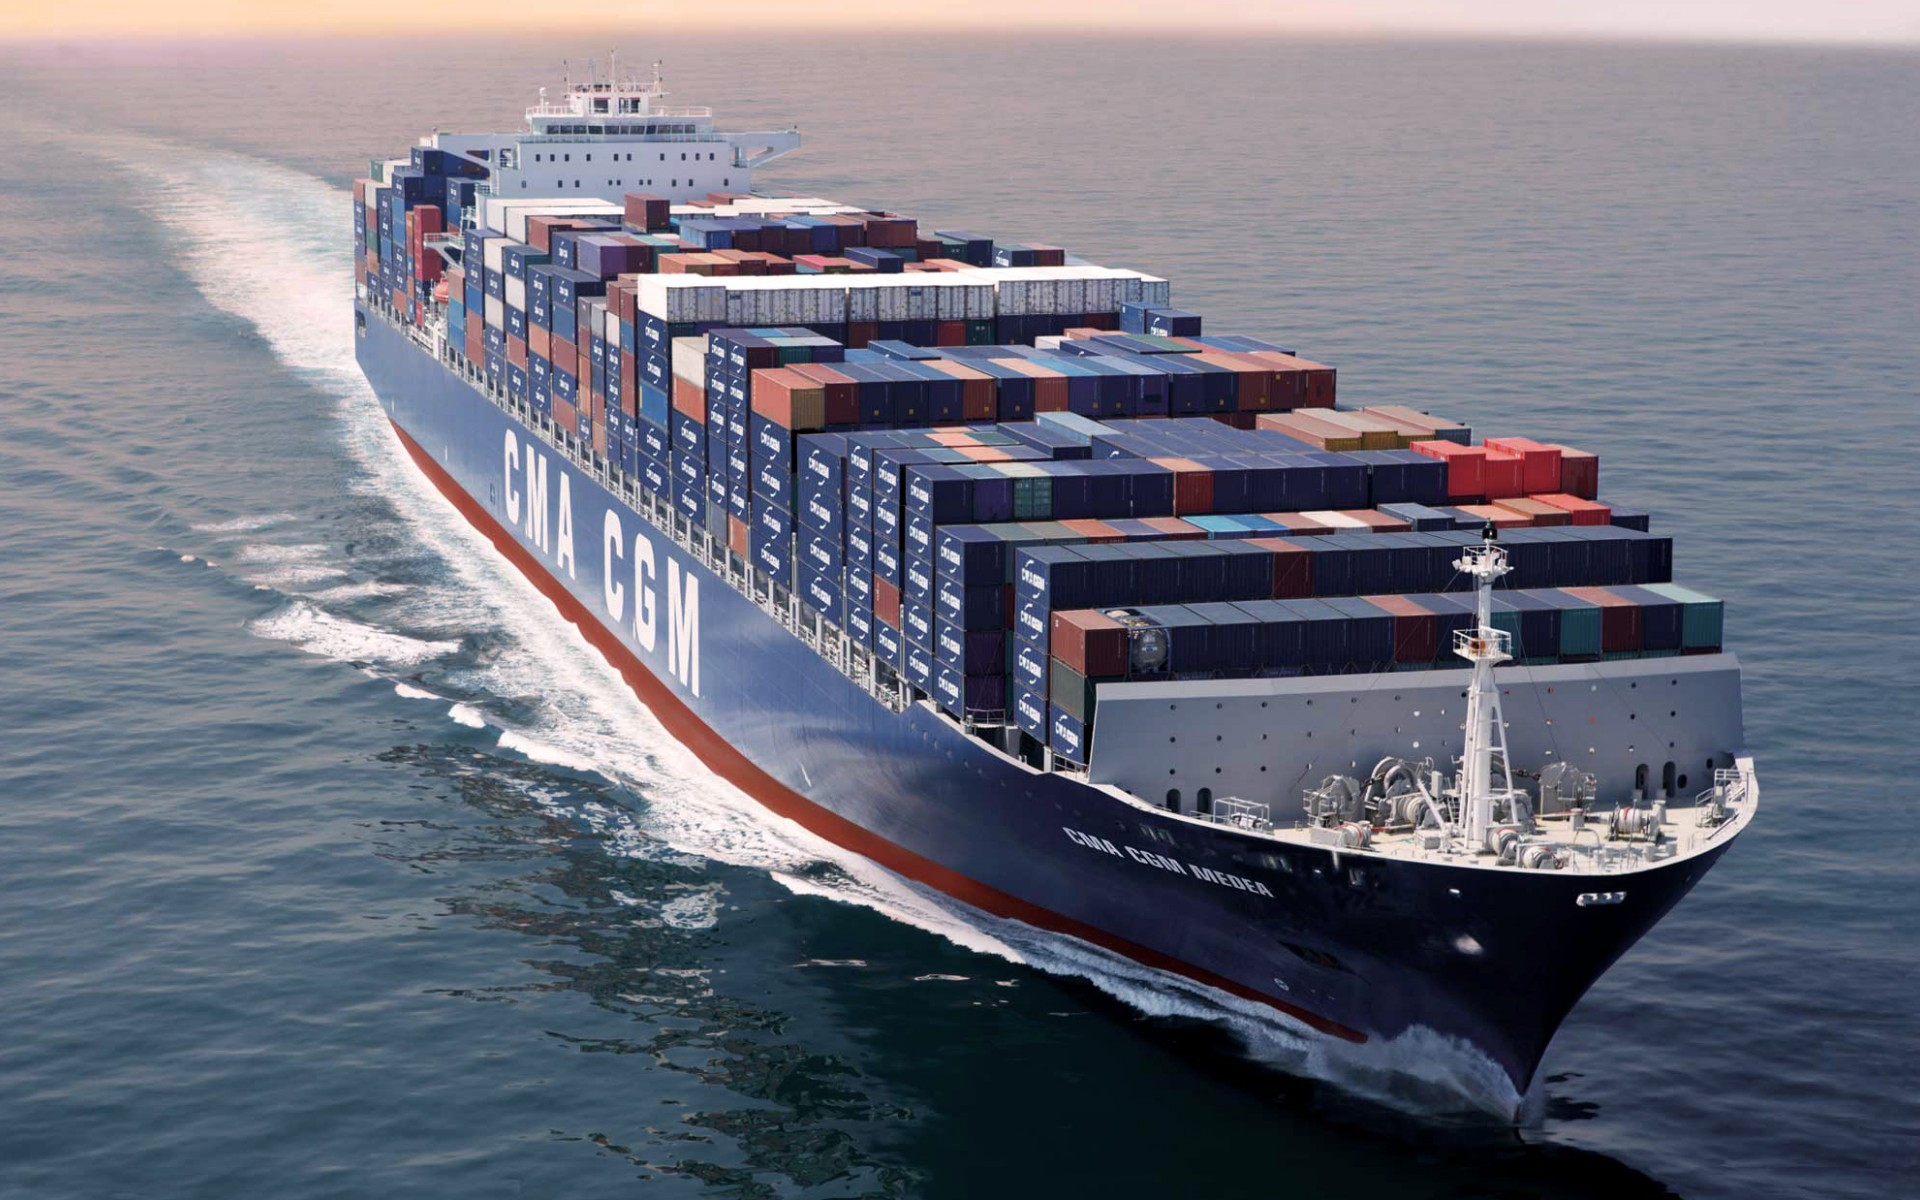 Se puede cambiar el crucero por un barco de carga se puede y hay toda una industria tur stica - Contenedores de barco ...